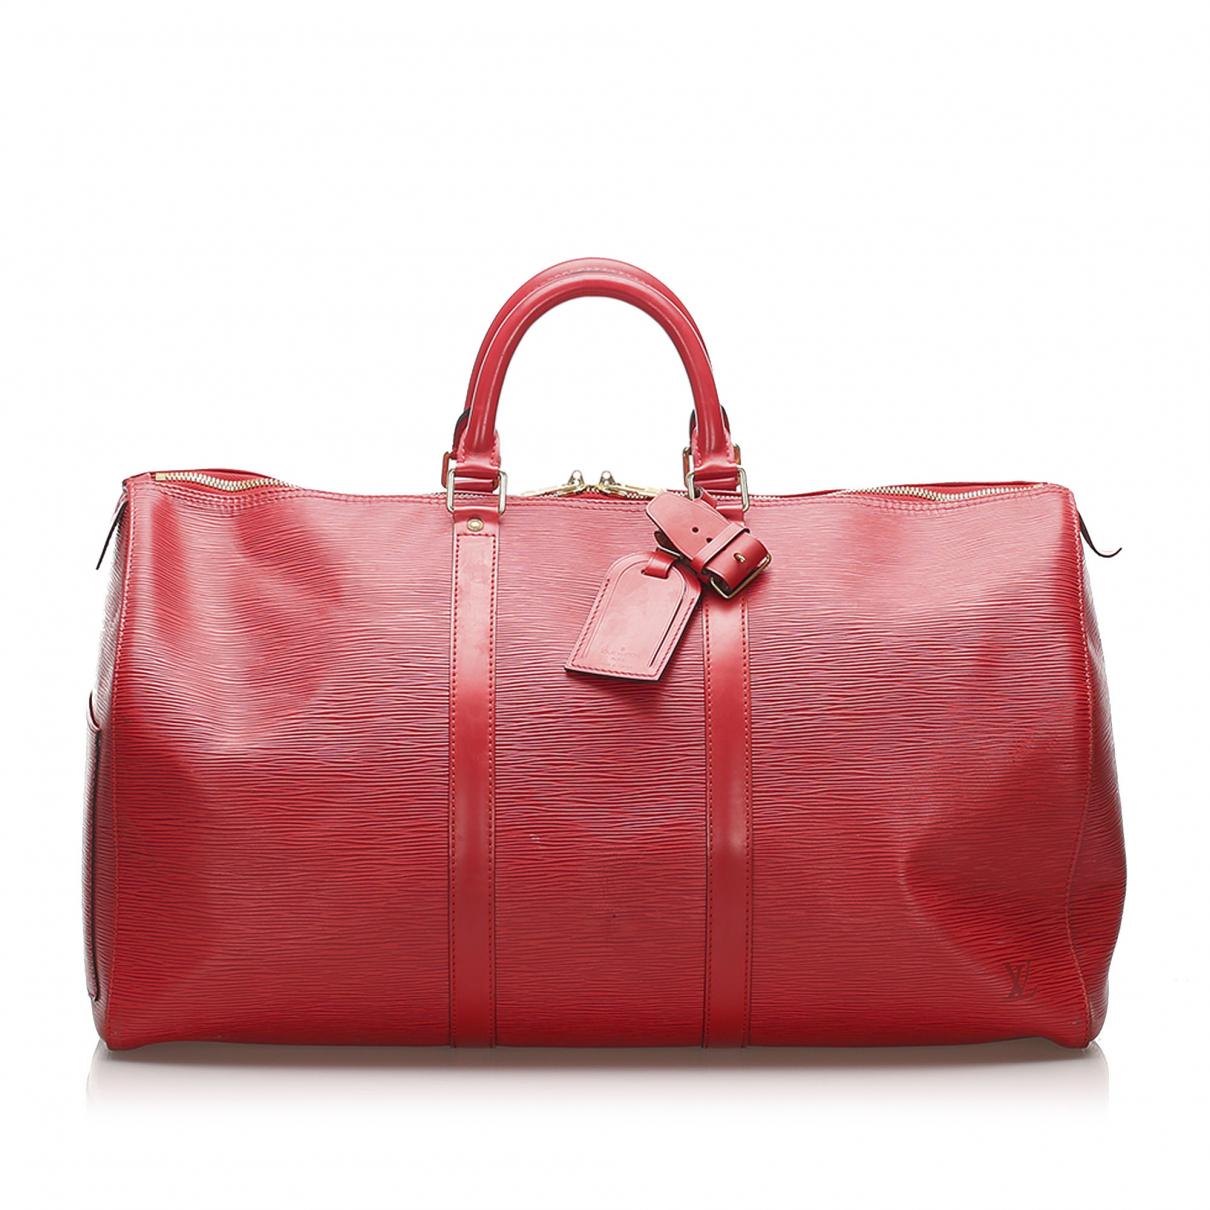 Louis Vuitton - Sac de voyage Keepall pour femme en cuir - rouge